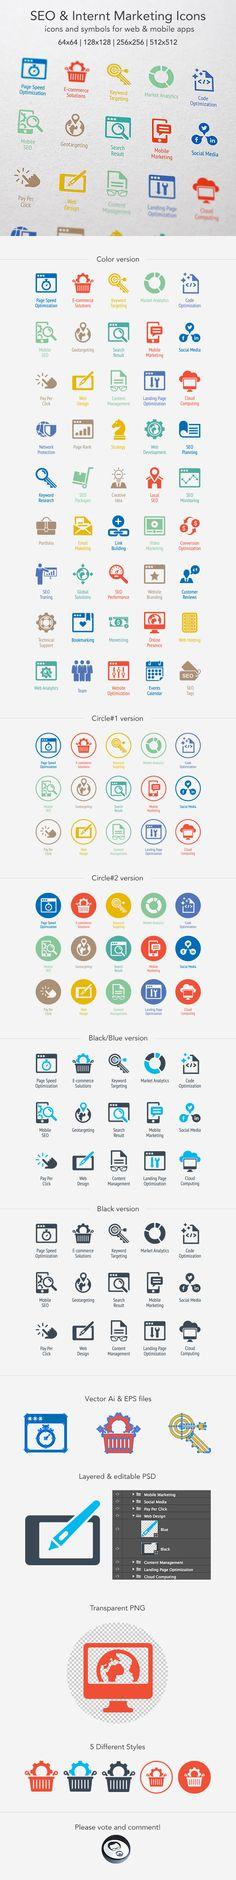 SEO & Internet Marketing Icons on Behance